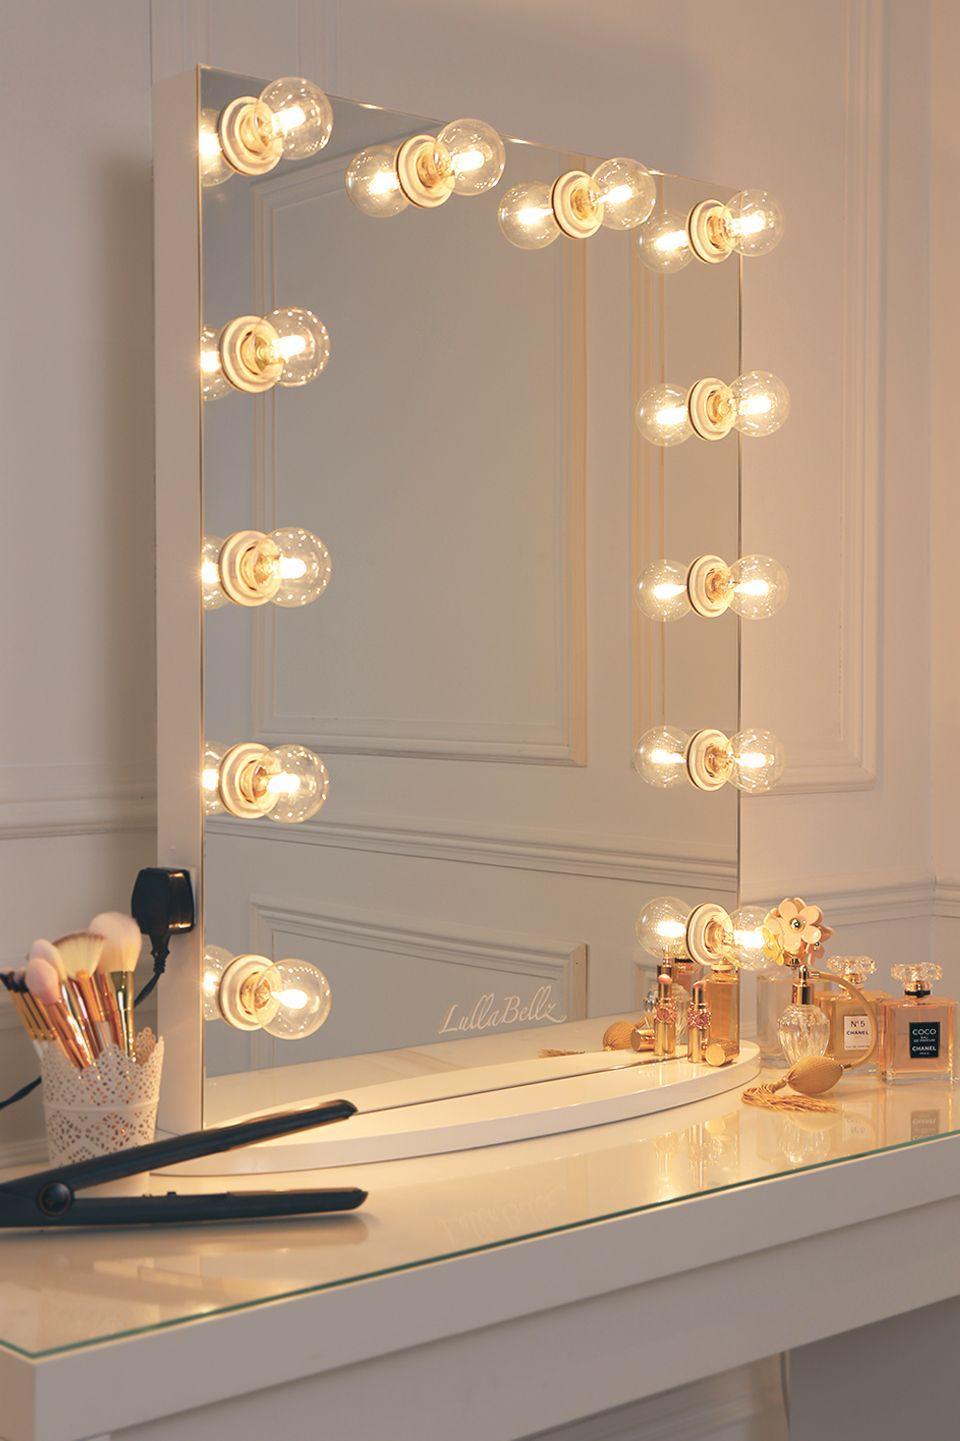 17 Diy Vanity Mirror Ideas To Make Your Room More Beautiful Diy Vanity Mirror Bathroom Mirror Lights Vanity Mirror